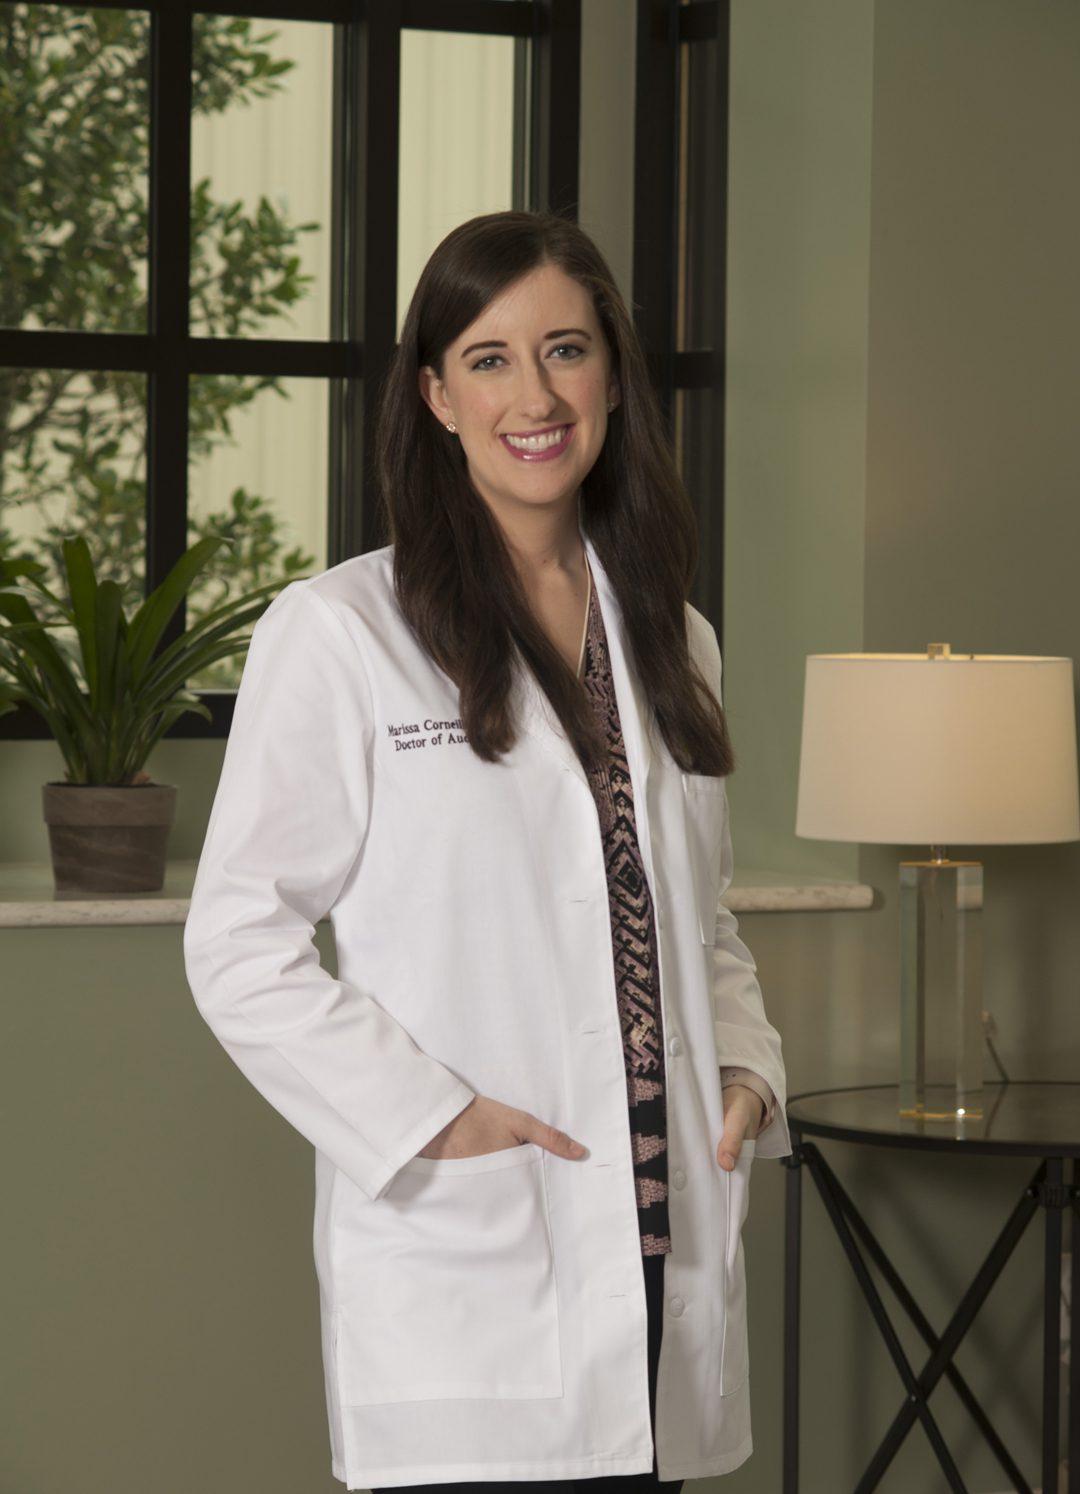 Meet the team - Dr. Marissa Corneille